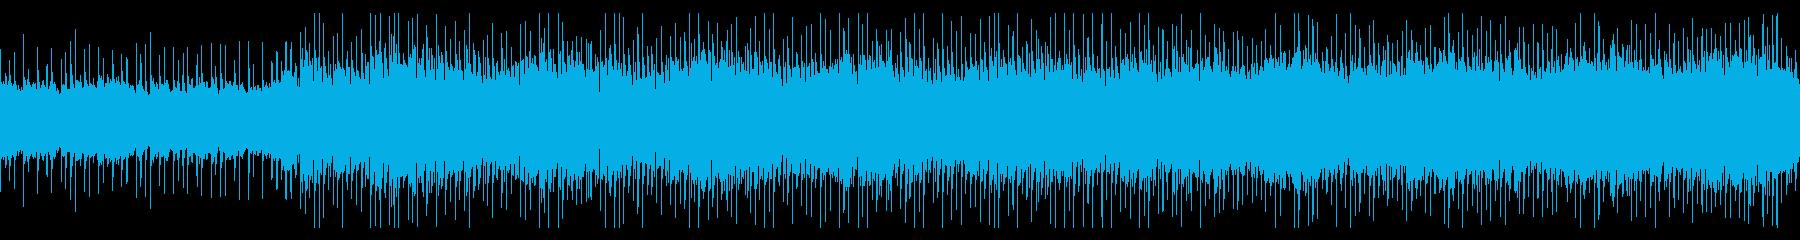 【ループ】パズルゲーム、アプリ、中国音階の再生済みの波形